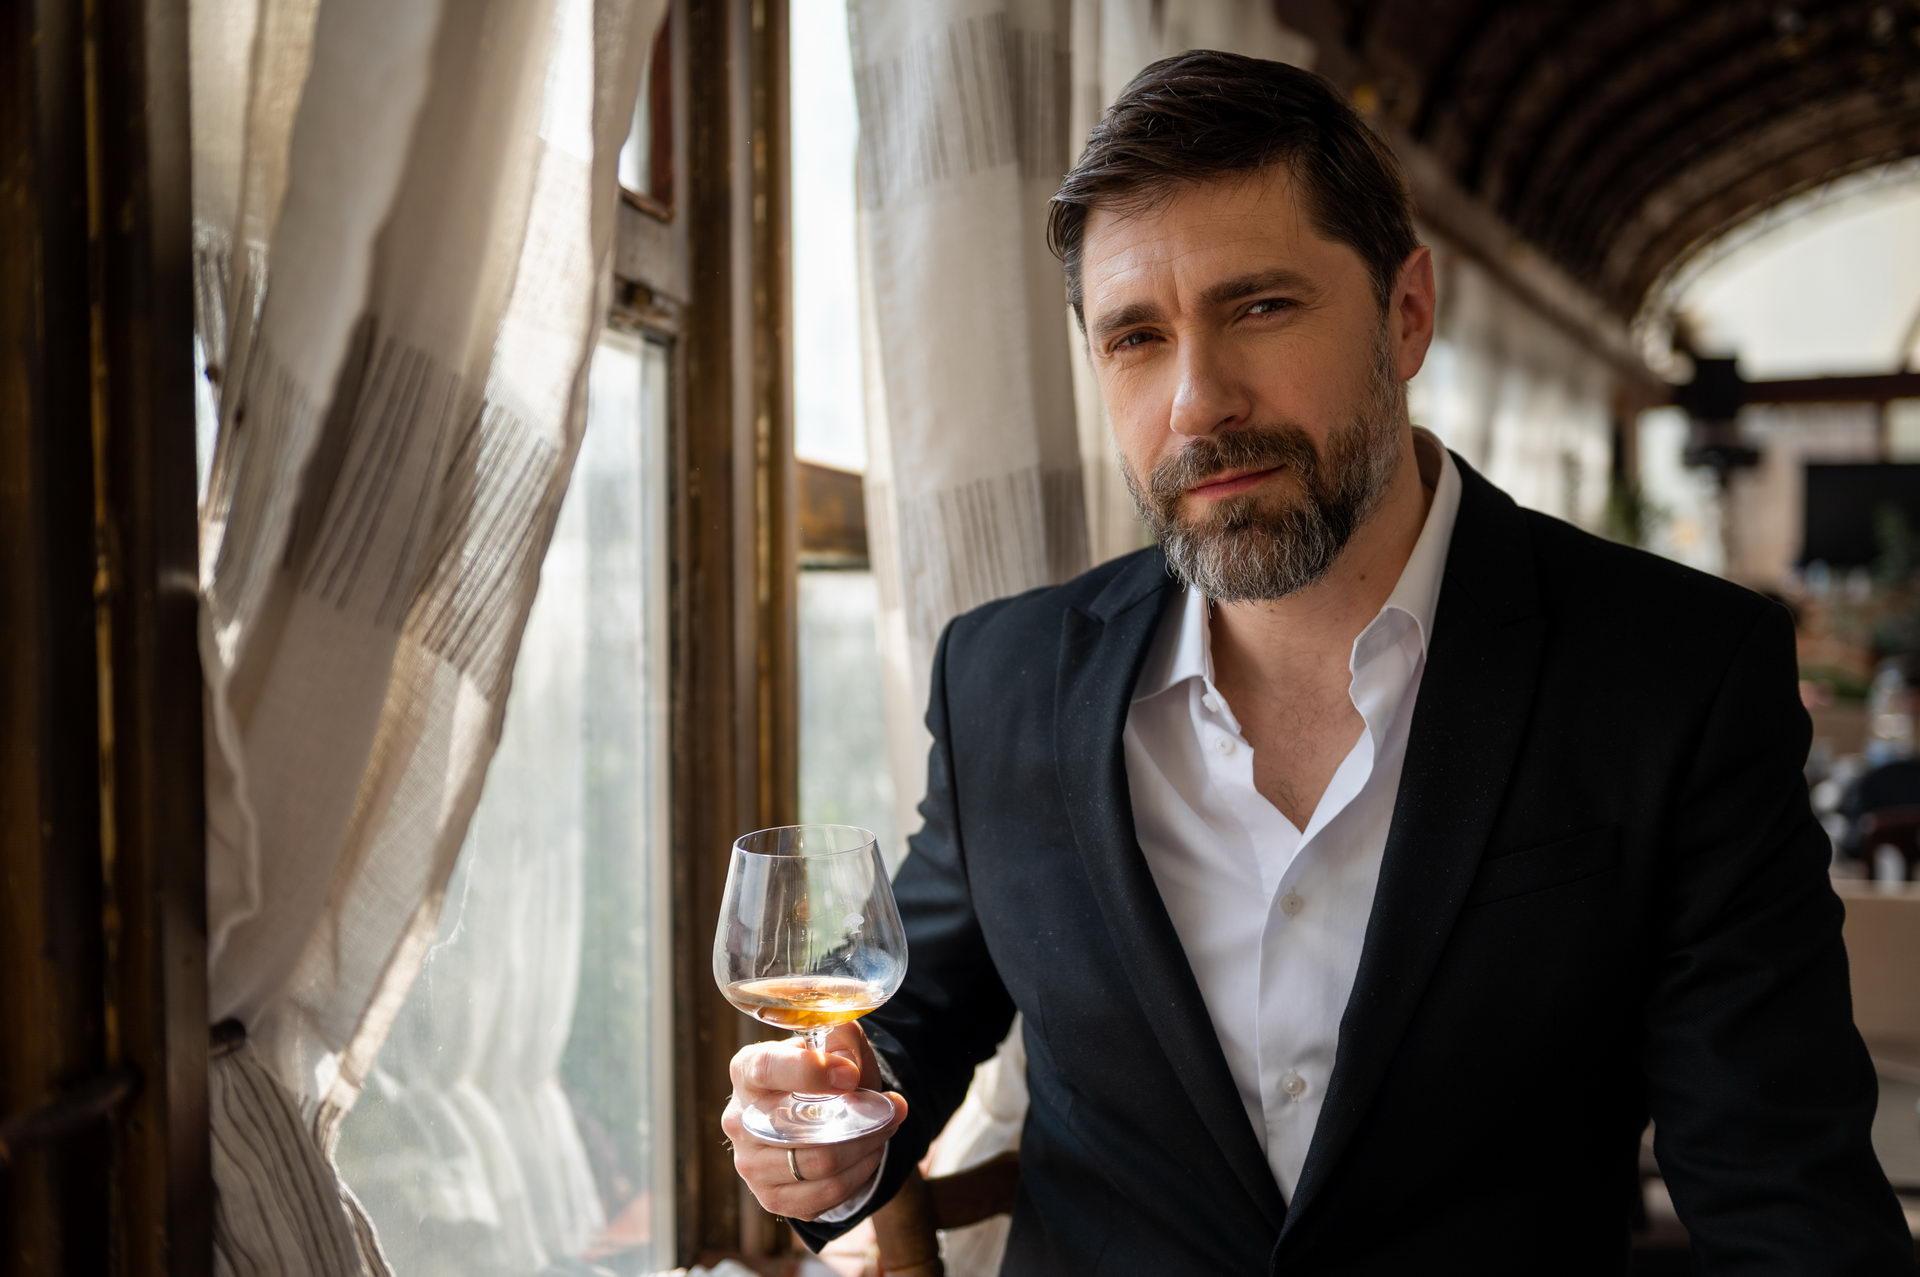 Nakon uspešne serije Tajne vinove loze, Nebojša Milovanović otkriva koje piće najviše voli da pije